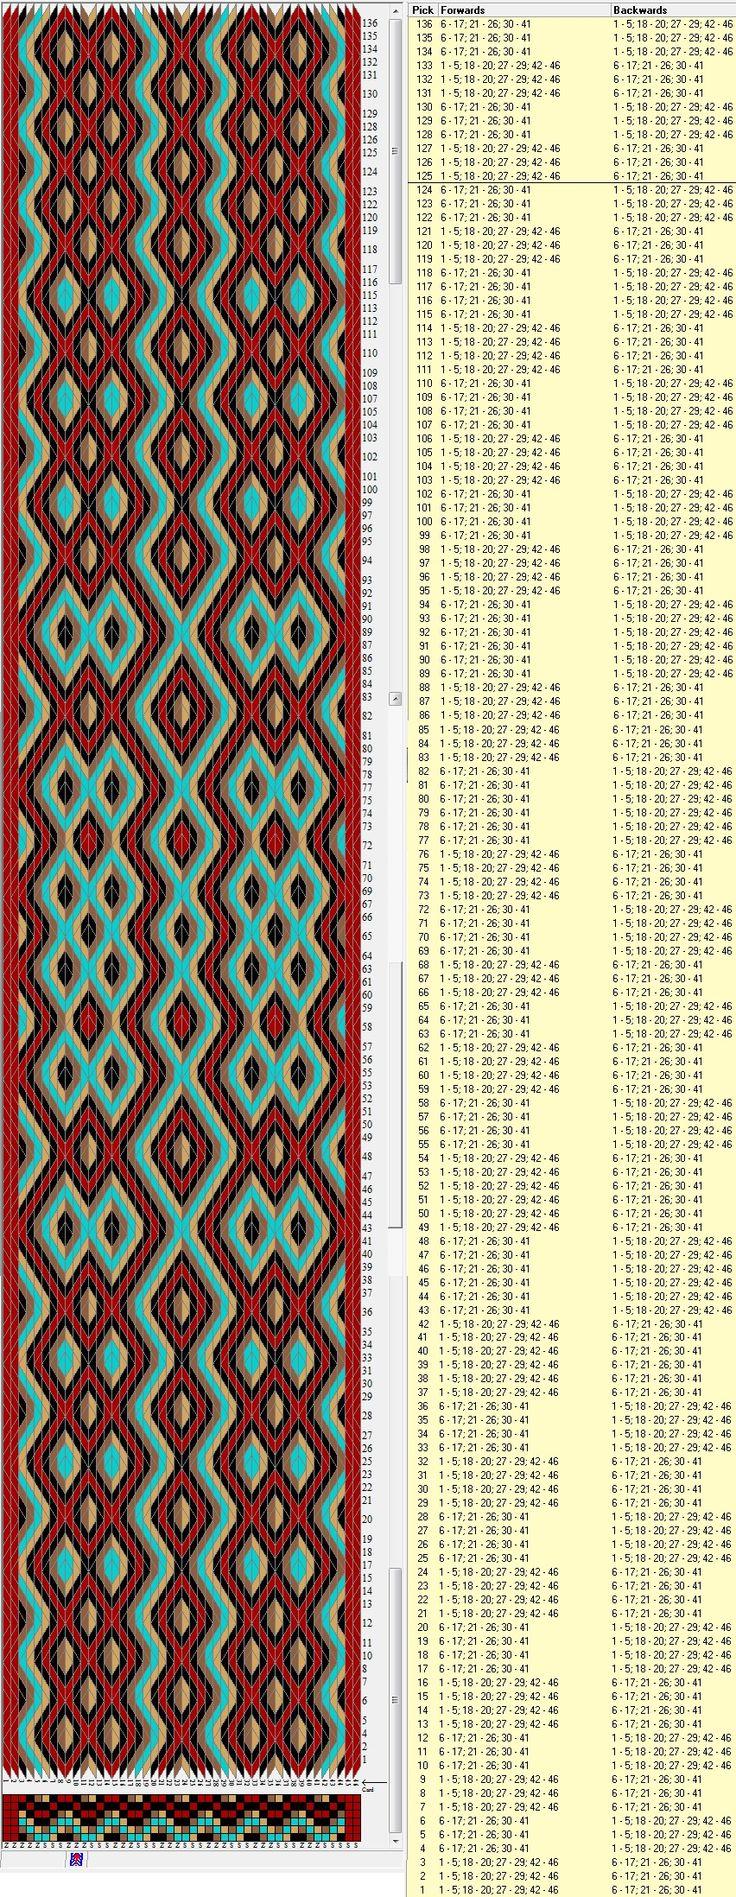 46 tarjetas hexagonales, 5 colores, completa esquema en 124 movimientos // sed_404_c6 diseñado en GTT༺❁